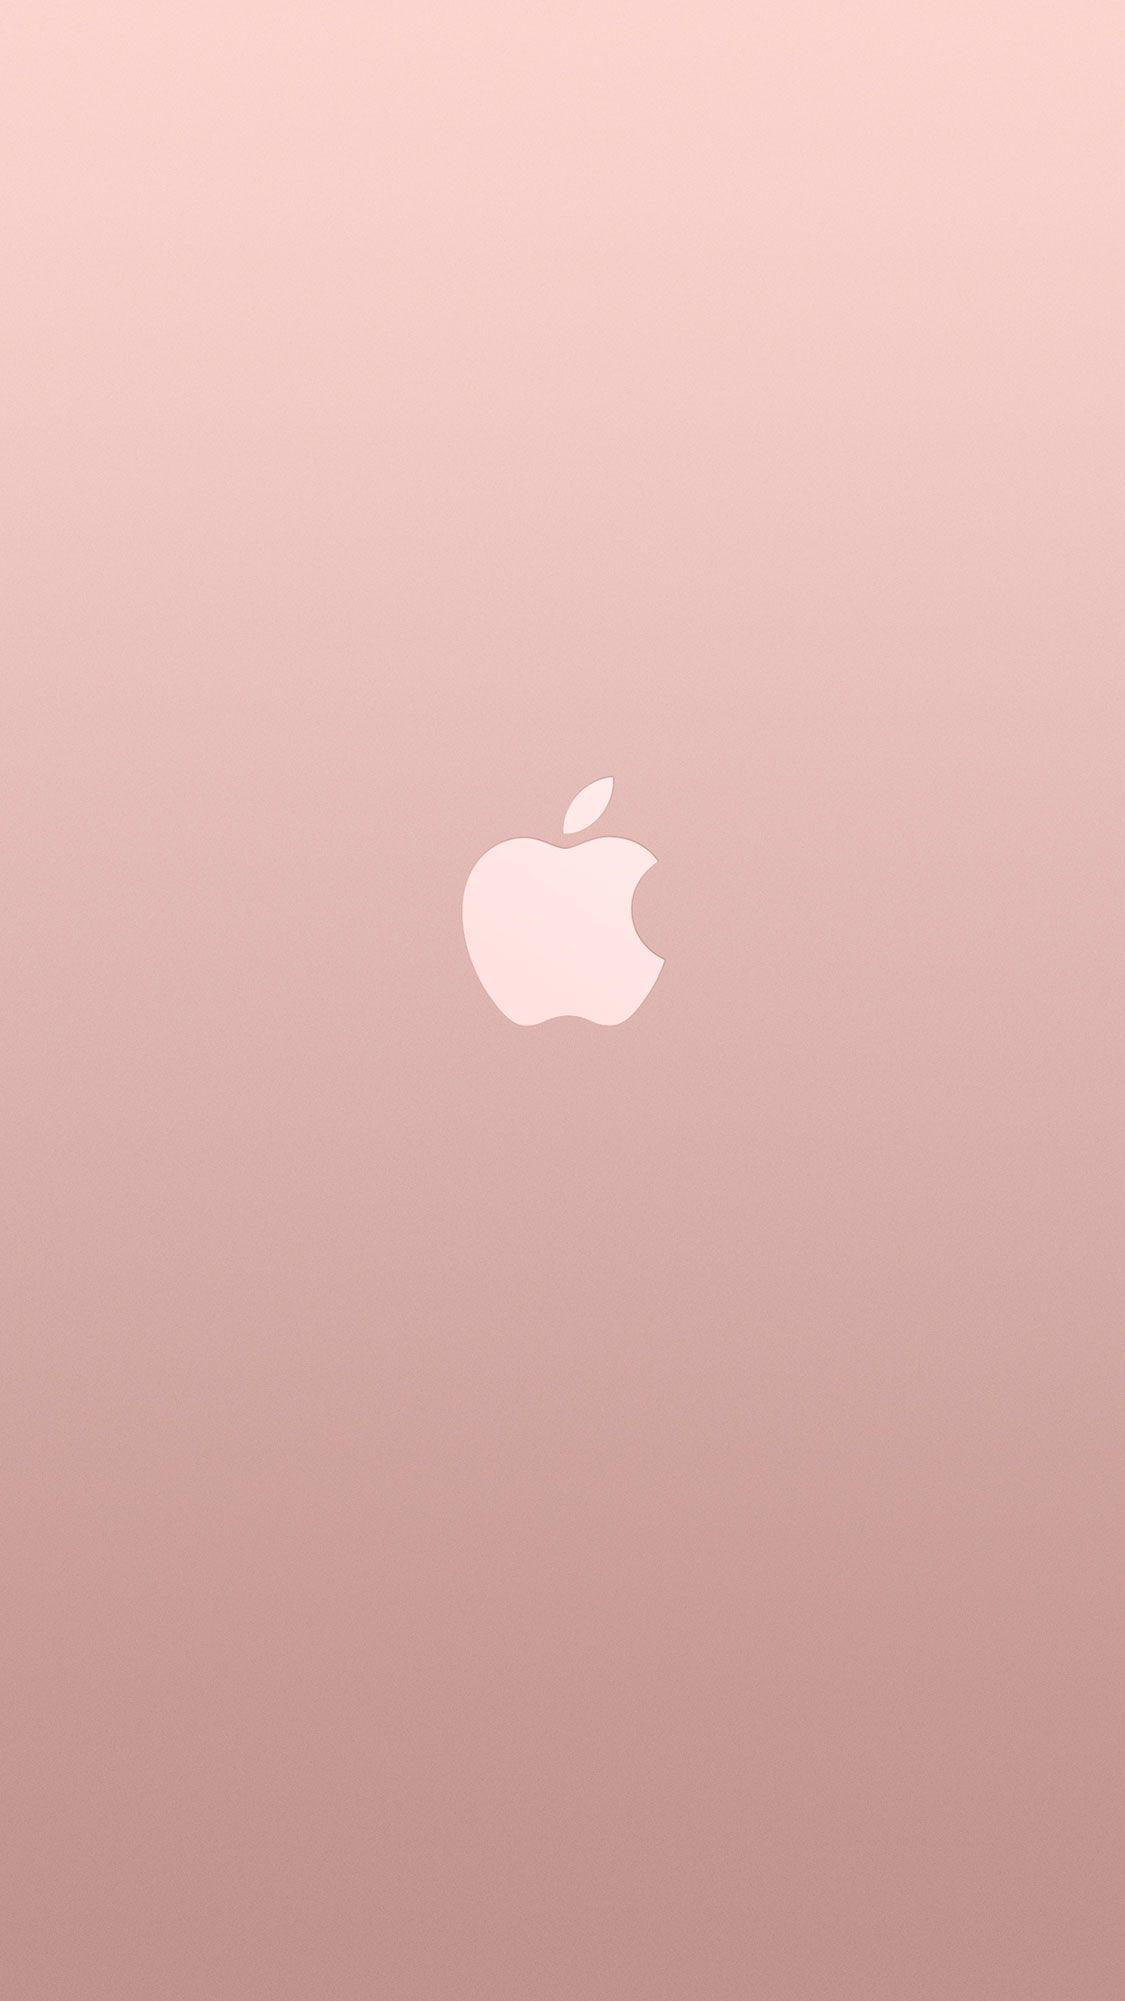 Pin By Alexa De Los Santos On Wallpaper Gold Wallpaper Iphone Pink Wallpaper Iphone Rose Gold Wallpaper